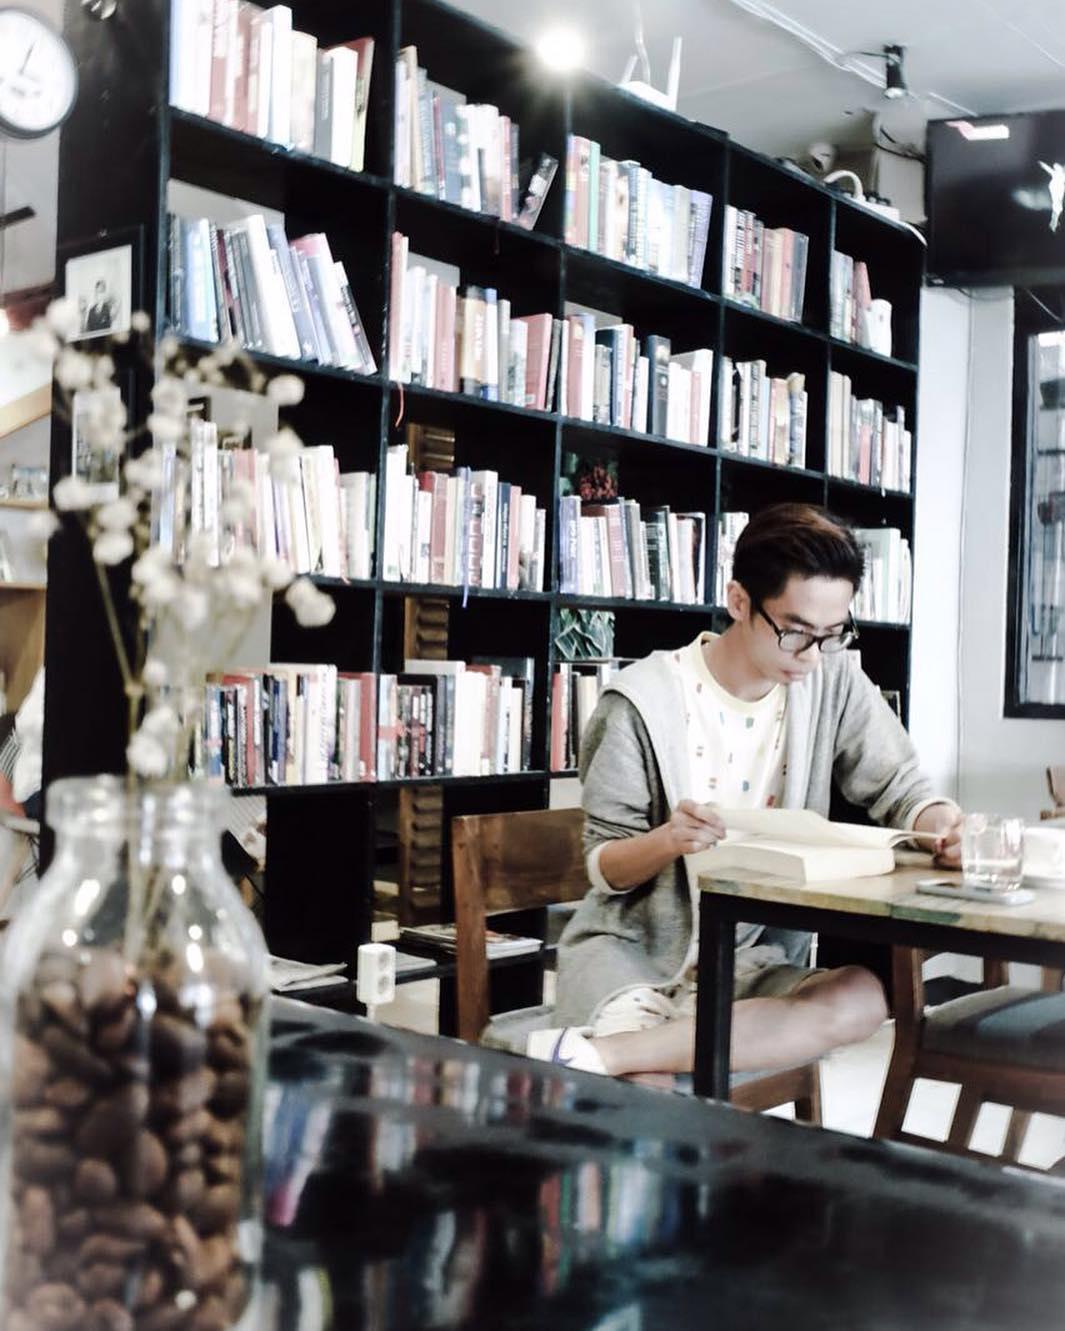 Blanco Coffee and Books, Blanco Coffee and Books Yogyakarta, Yogyakarta, Dolan Dolen, Dolaners Blanco Coffee and Books via didirodiman - Dolan Dolen